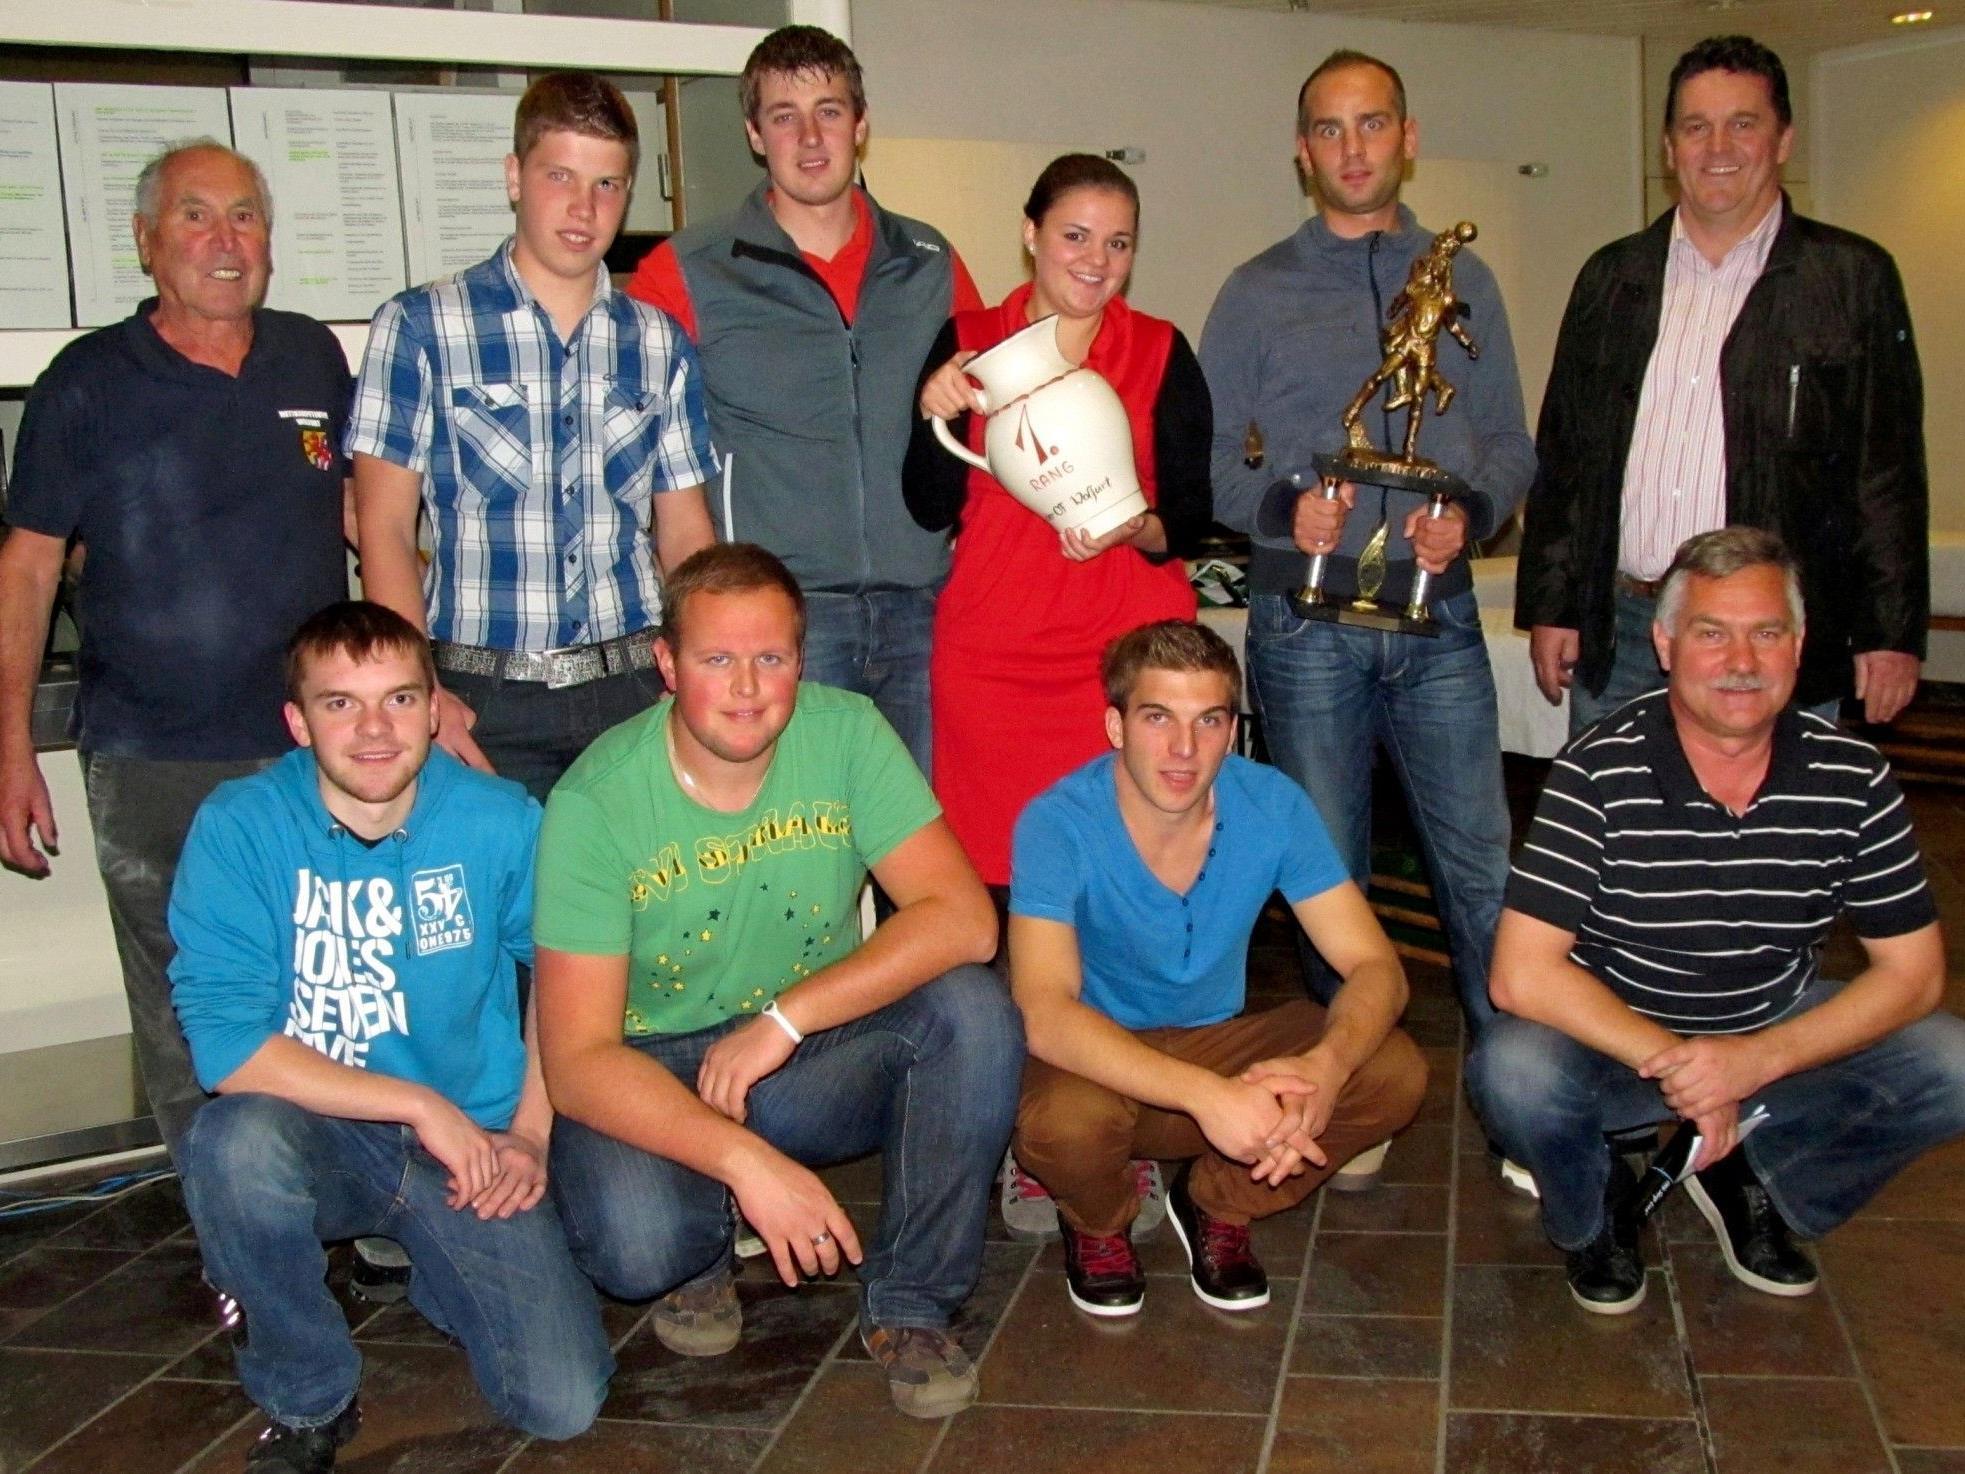 Die OF Wolfurt gratulierte als Veranstalter den Kollegen aus Eichenberg zum Wanderpokal.